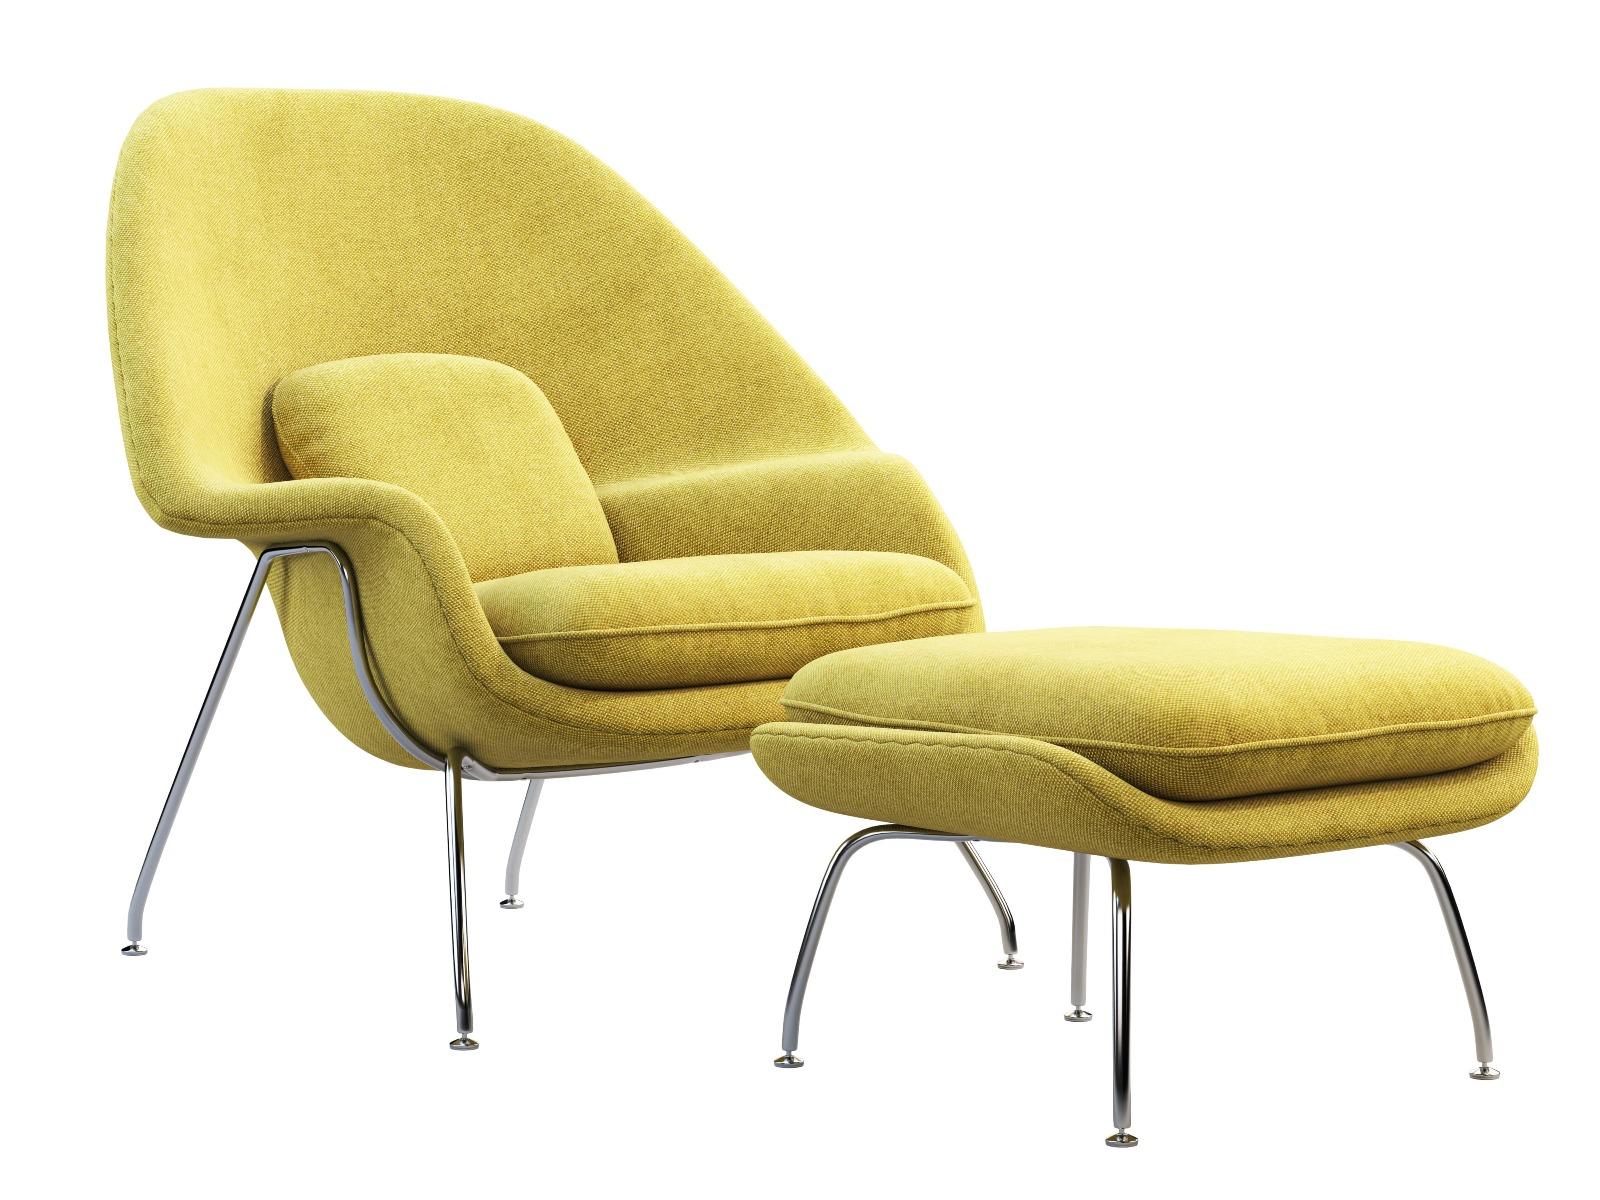 Das Bild zeigt einen gelben Sessel im Vintage Stil.